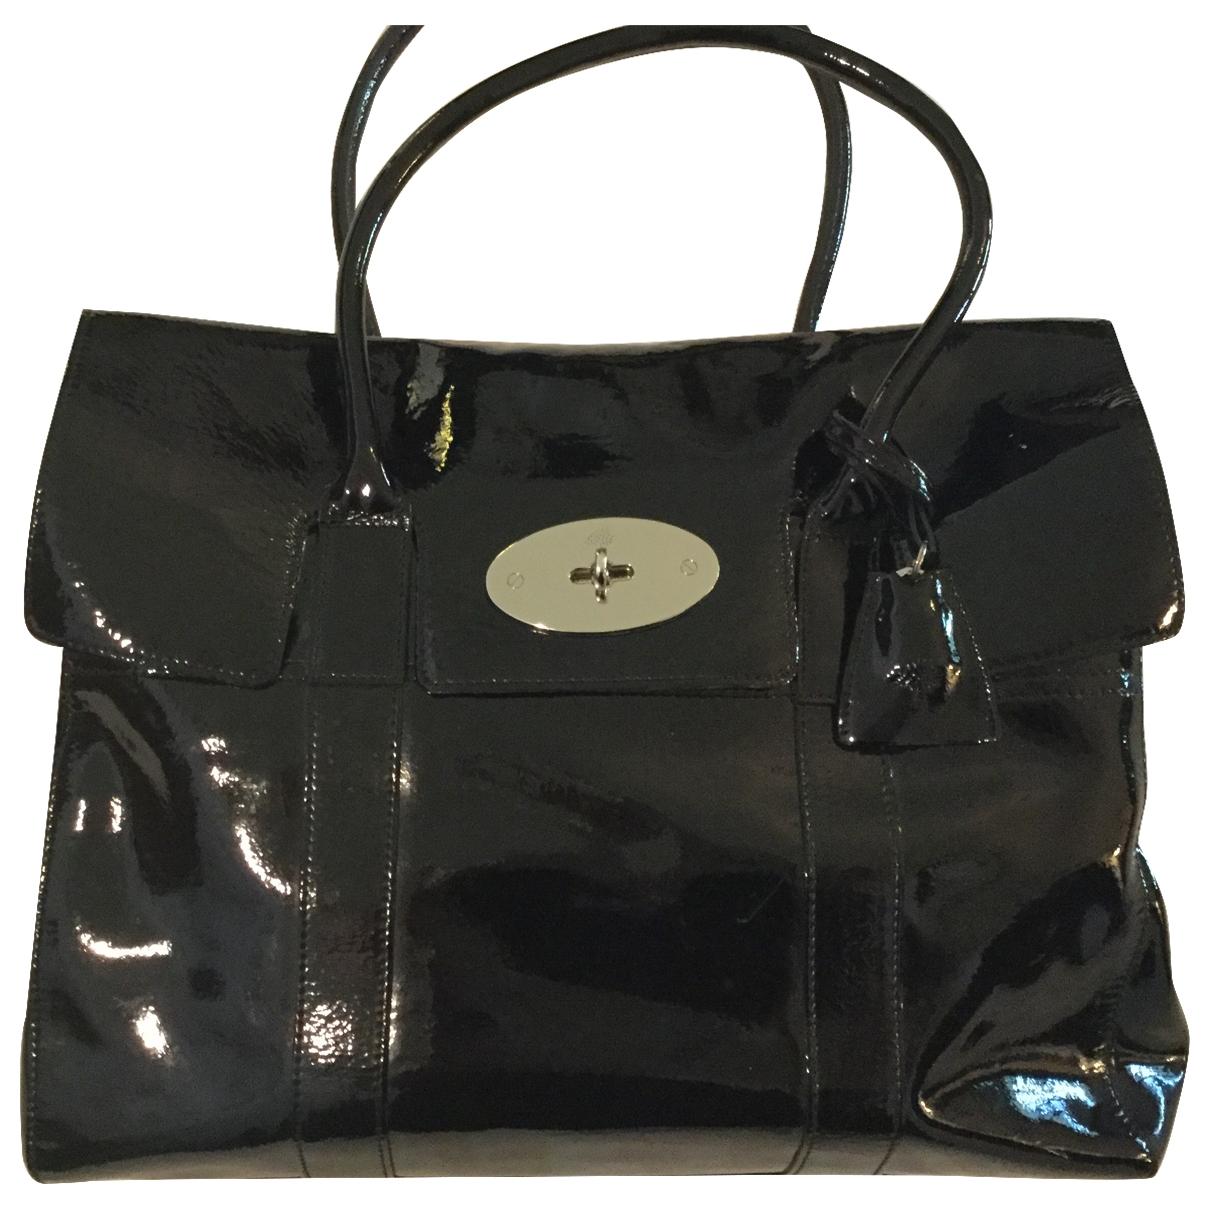 Mulberry - Sac a main Bayswater tote pour femme en cuir verni - noir